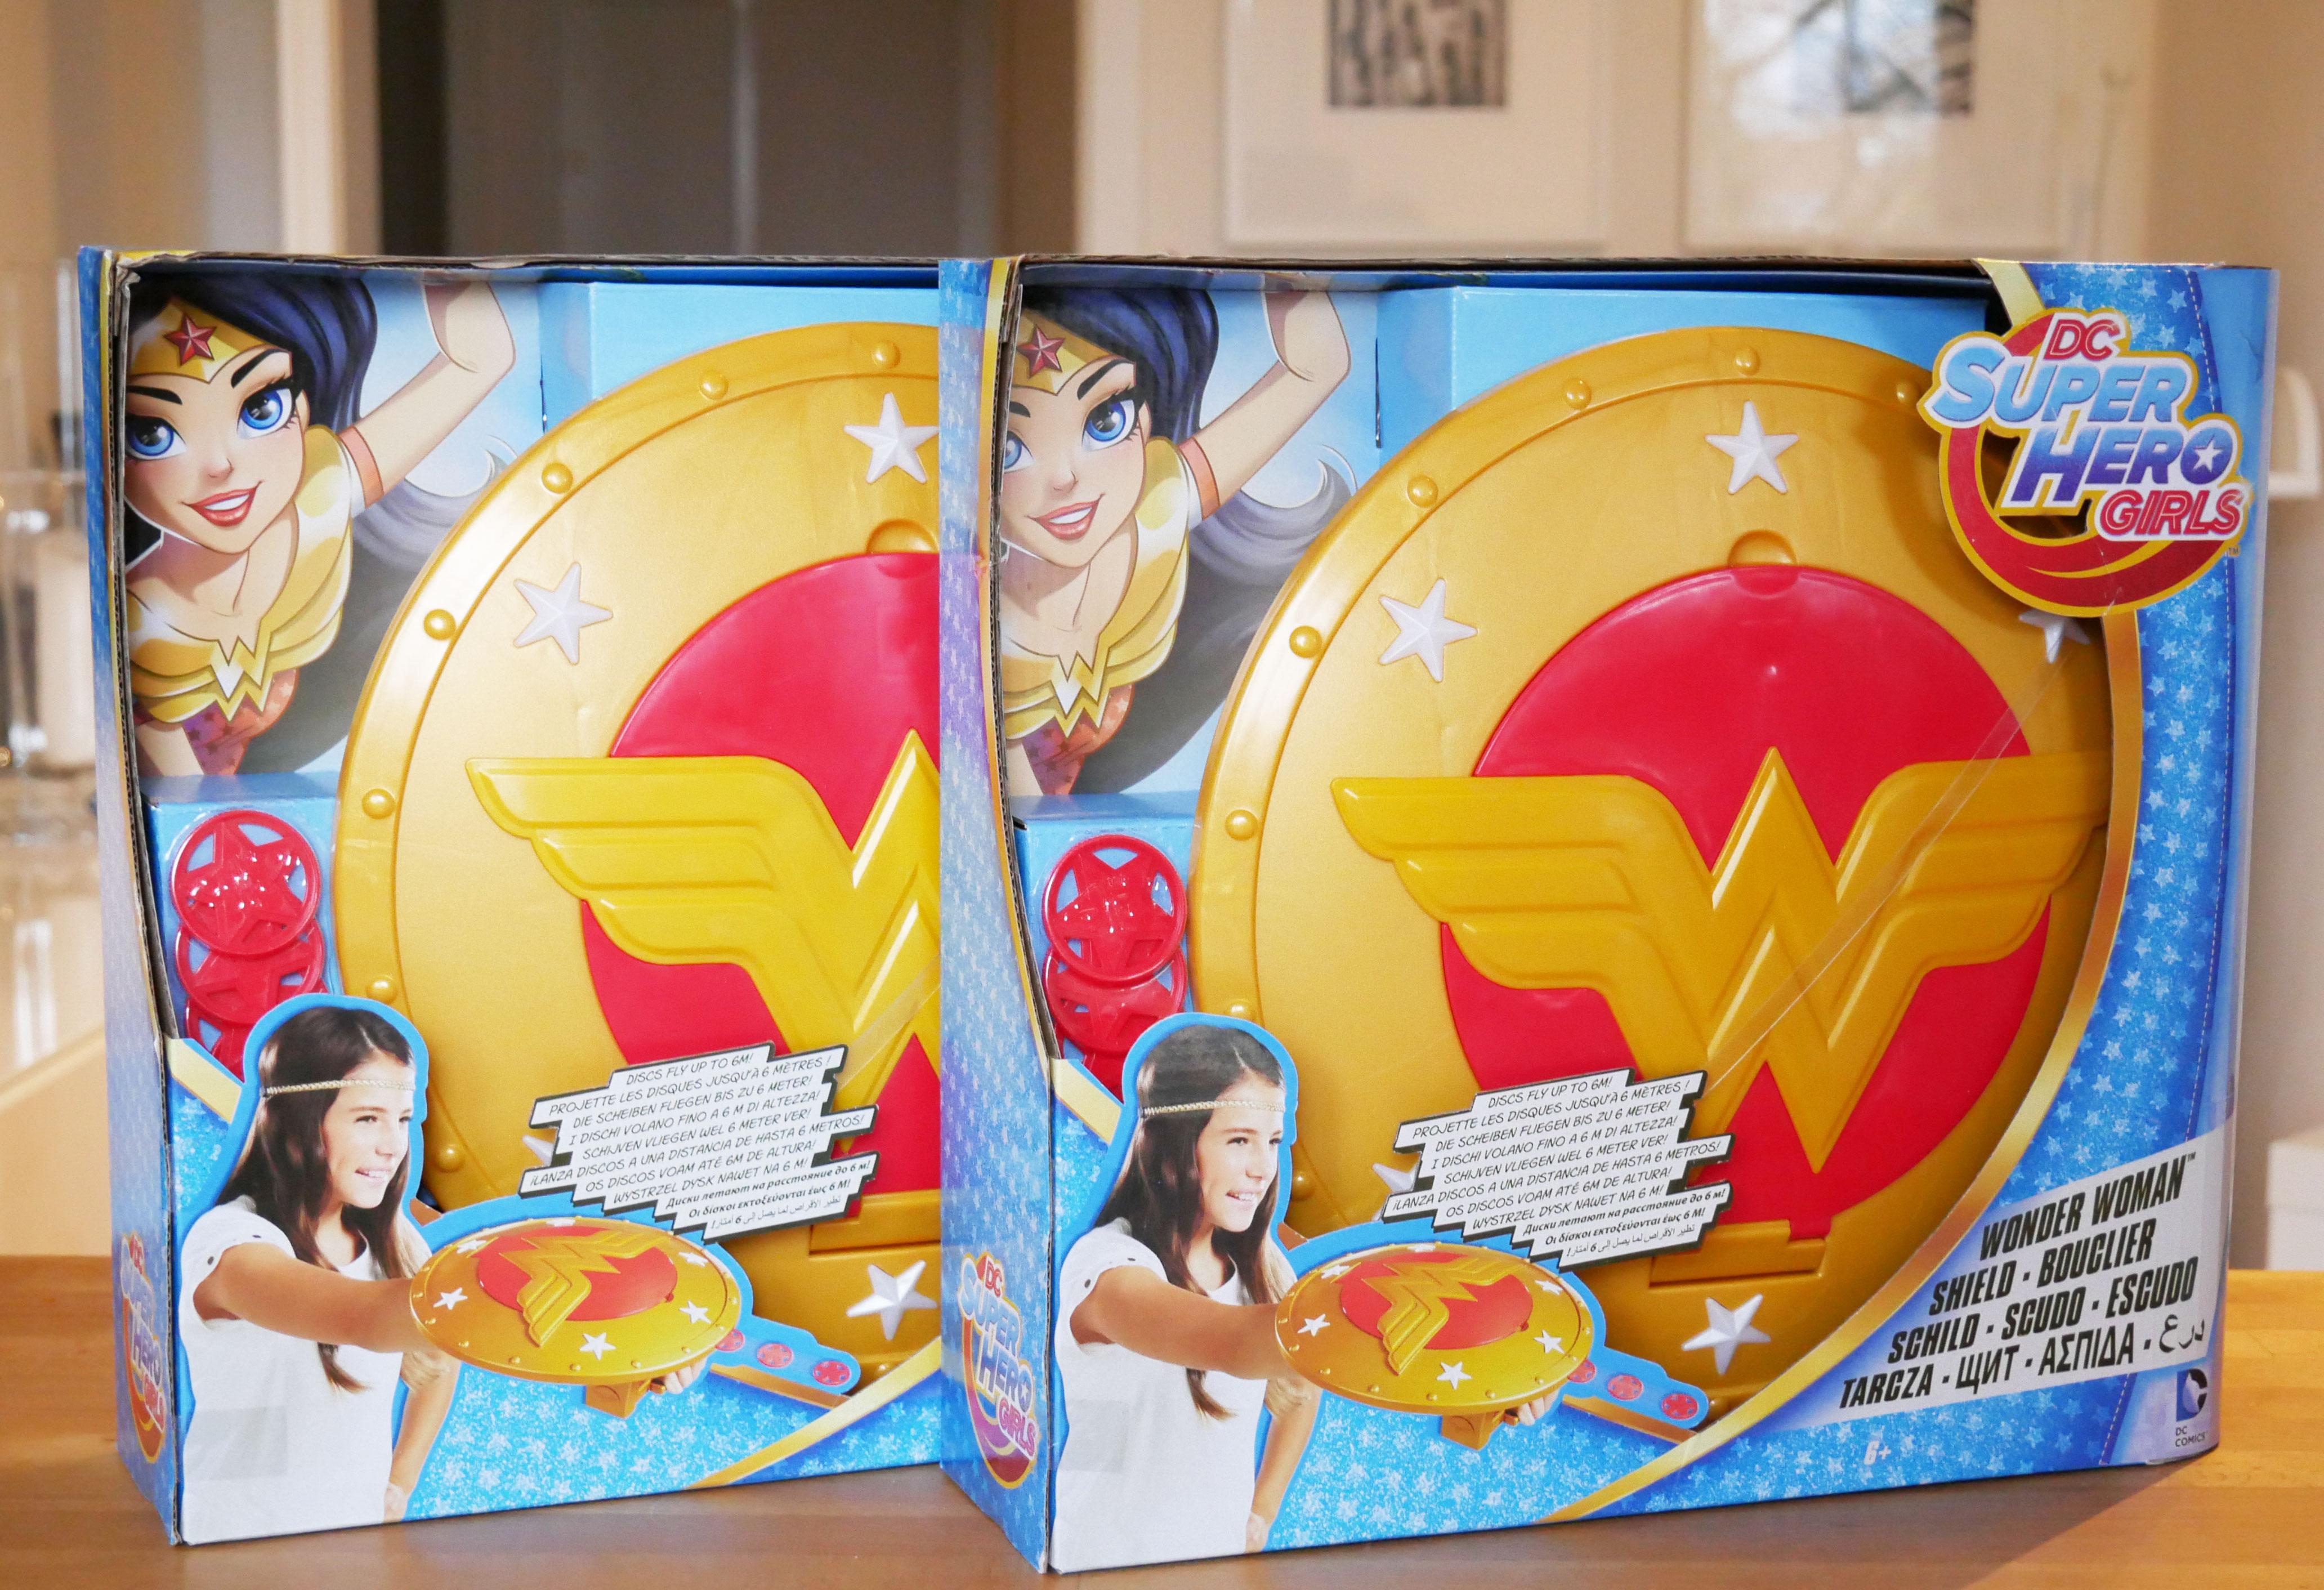 Warner Bros DC Super Hero Girls; ERziehen wir unsere Töchter falsch?